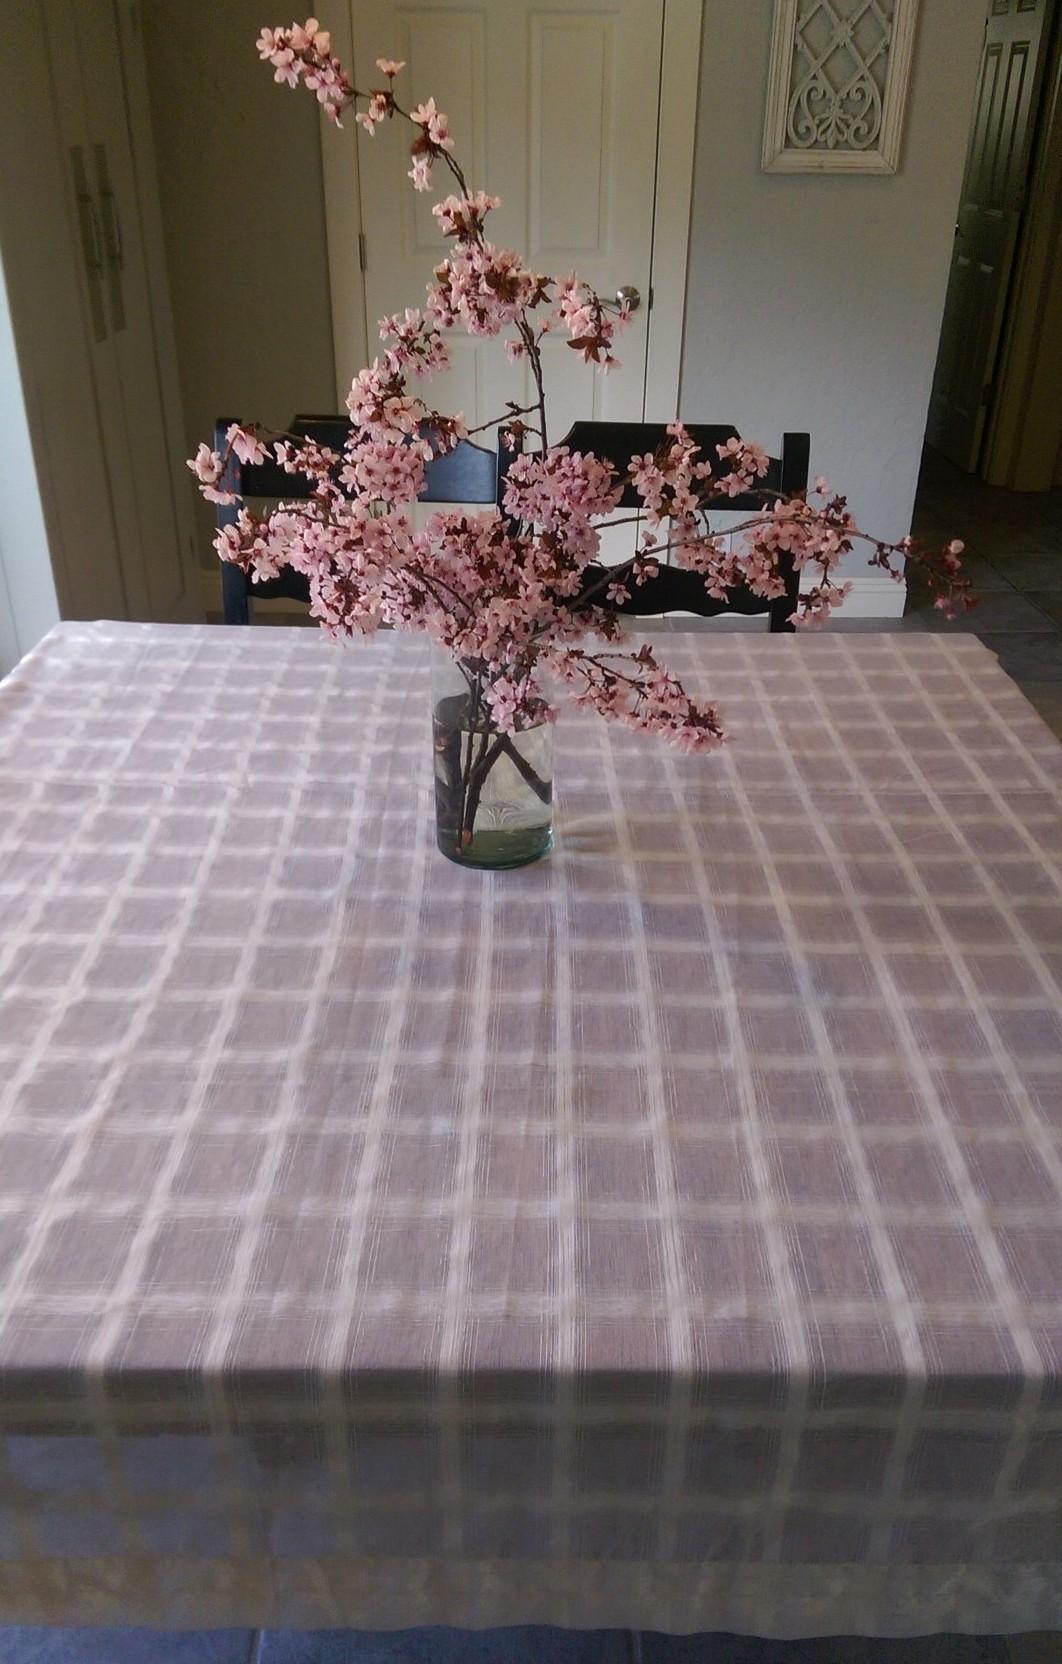 Creative Tablecloth Ideas Armchairdecoratorblog